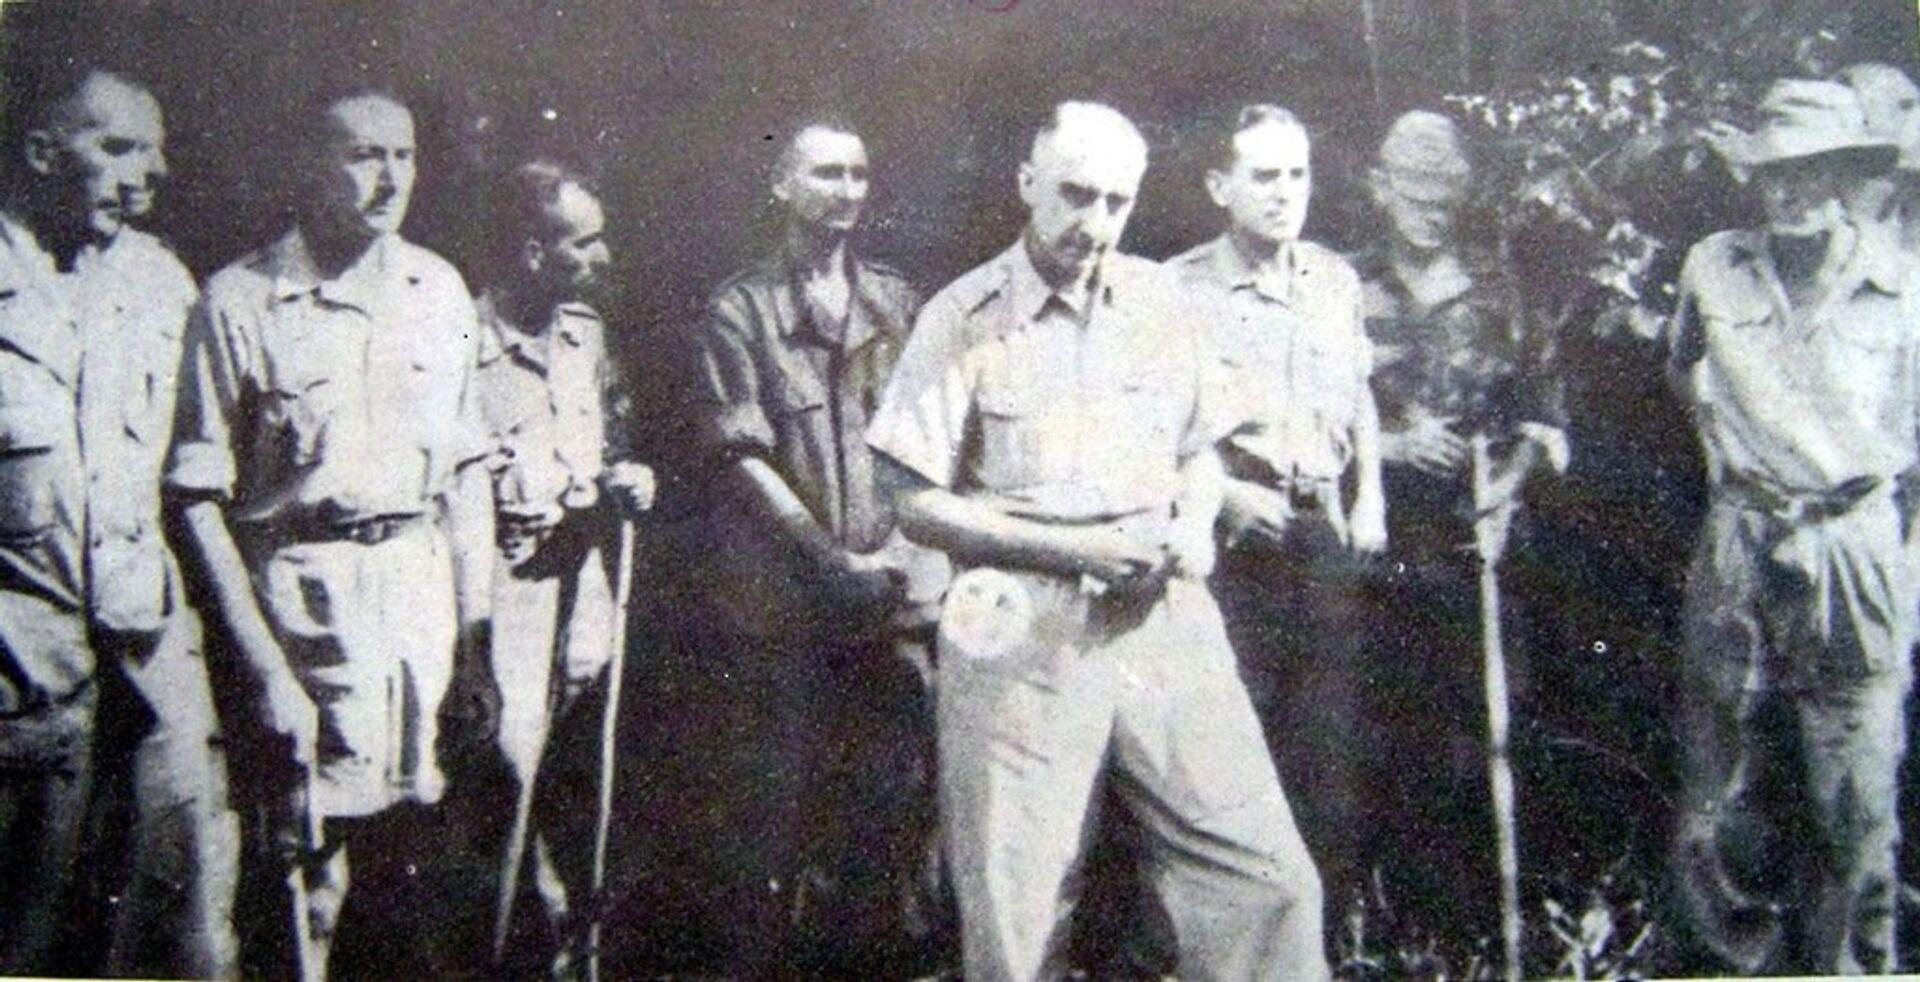 Chiến thắng Điện Biên Phủ: Tinh thần nồng nàn yêu nước giúp quân dân Việt Nam đánh bại Pháp như nào? - Sputnik Việt Nam, 1920, 07.05.2021